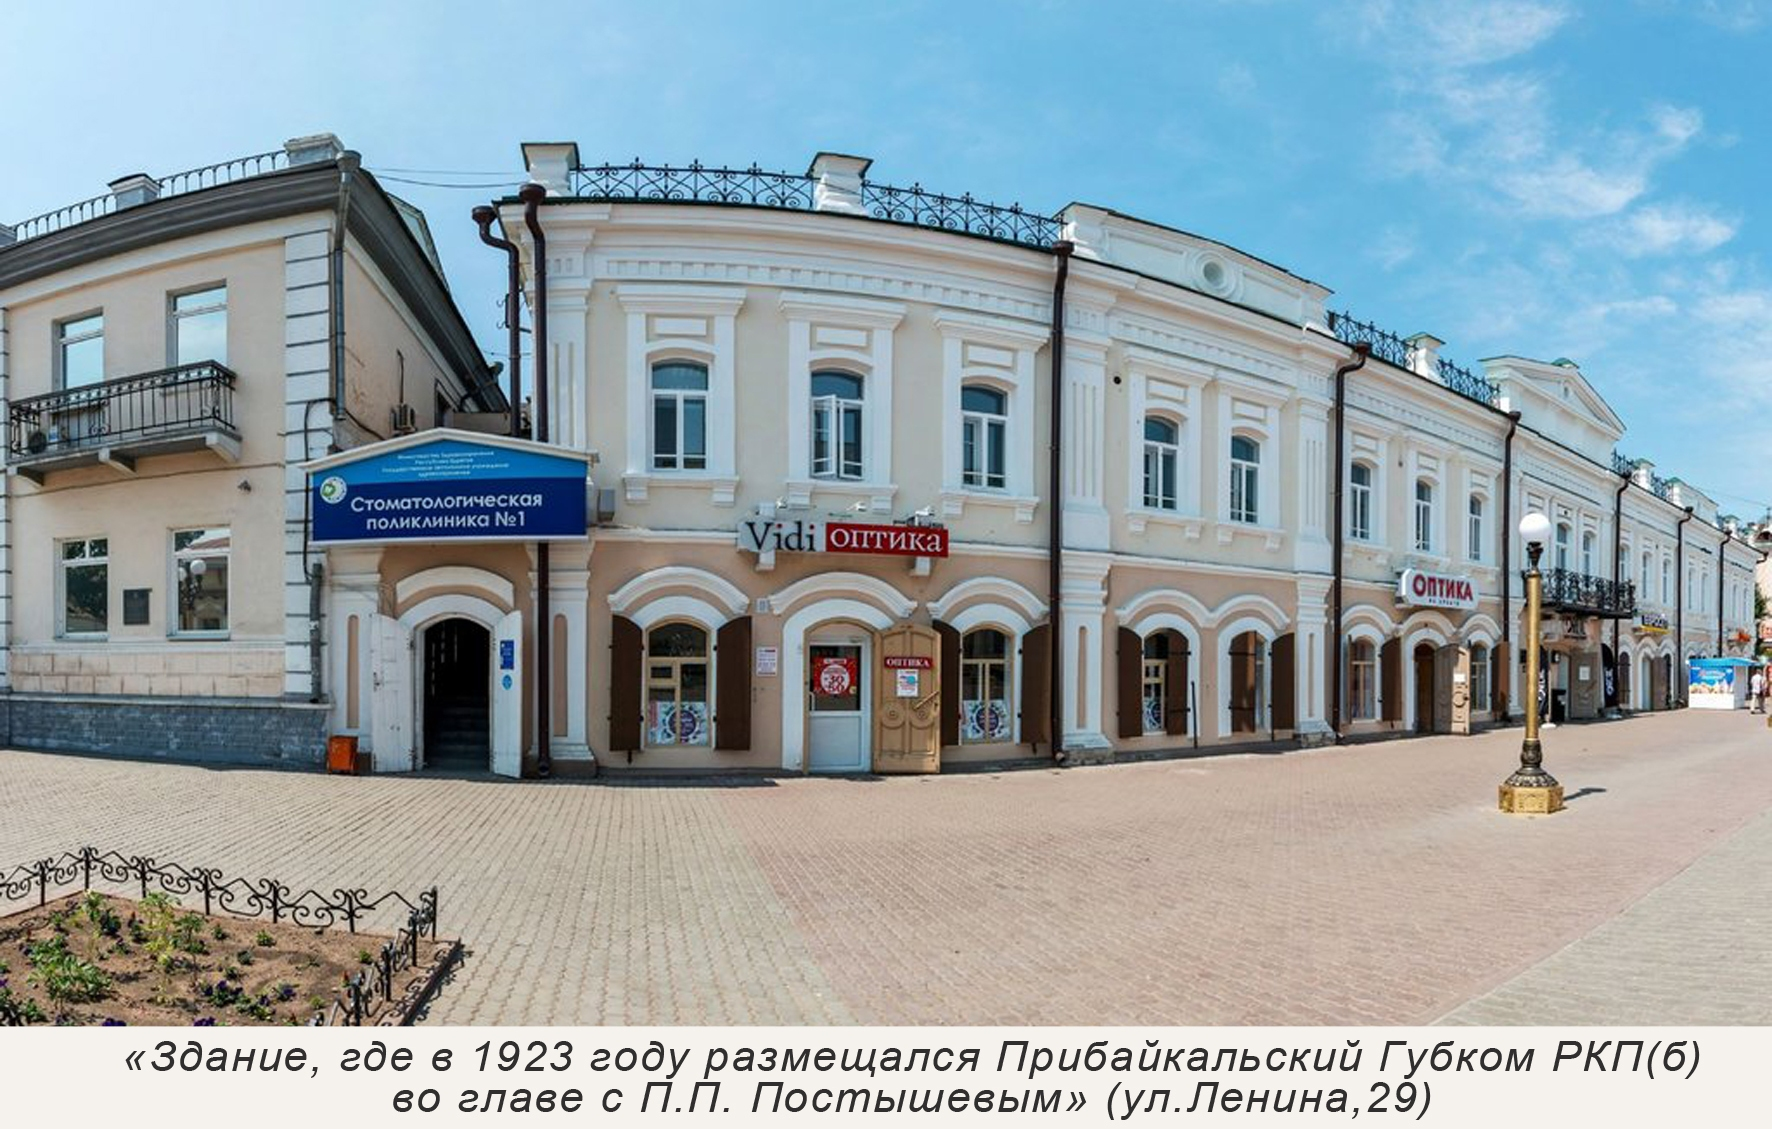 «Этот день в истории: события, факты, люди. Верхнеудинск — Улан-Удэ» — 29 сентября